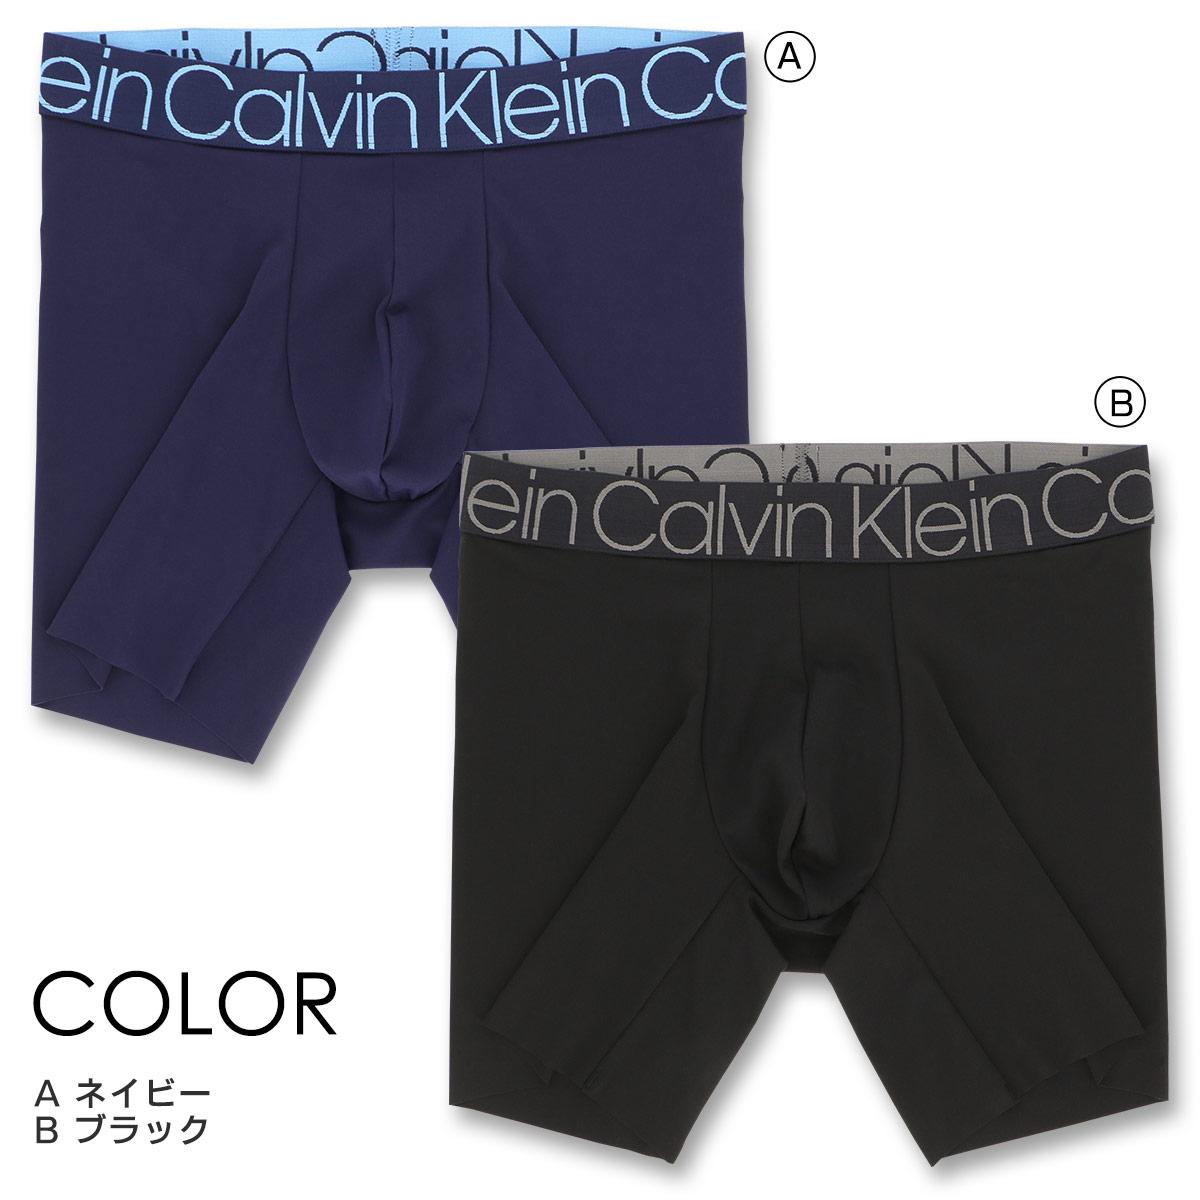 Calvin Klein CK Compact Flex Micro カルバンクライン・コンパクト フレックス マイクロ ボクサーパンツ 男性 紳士 メンズ 下着 プレゼント ギフト 誕生日 5369-1907 NB1907 日本サイズ(M・L・XL)【箱なしゆうパケット・2点まで】